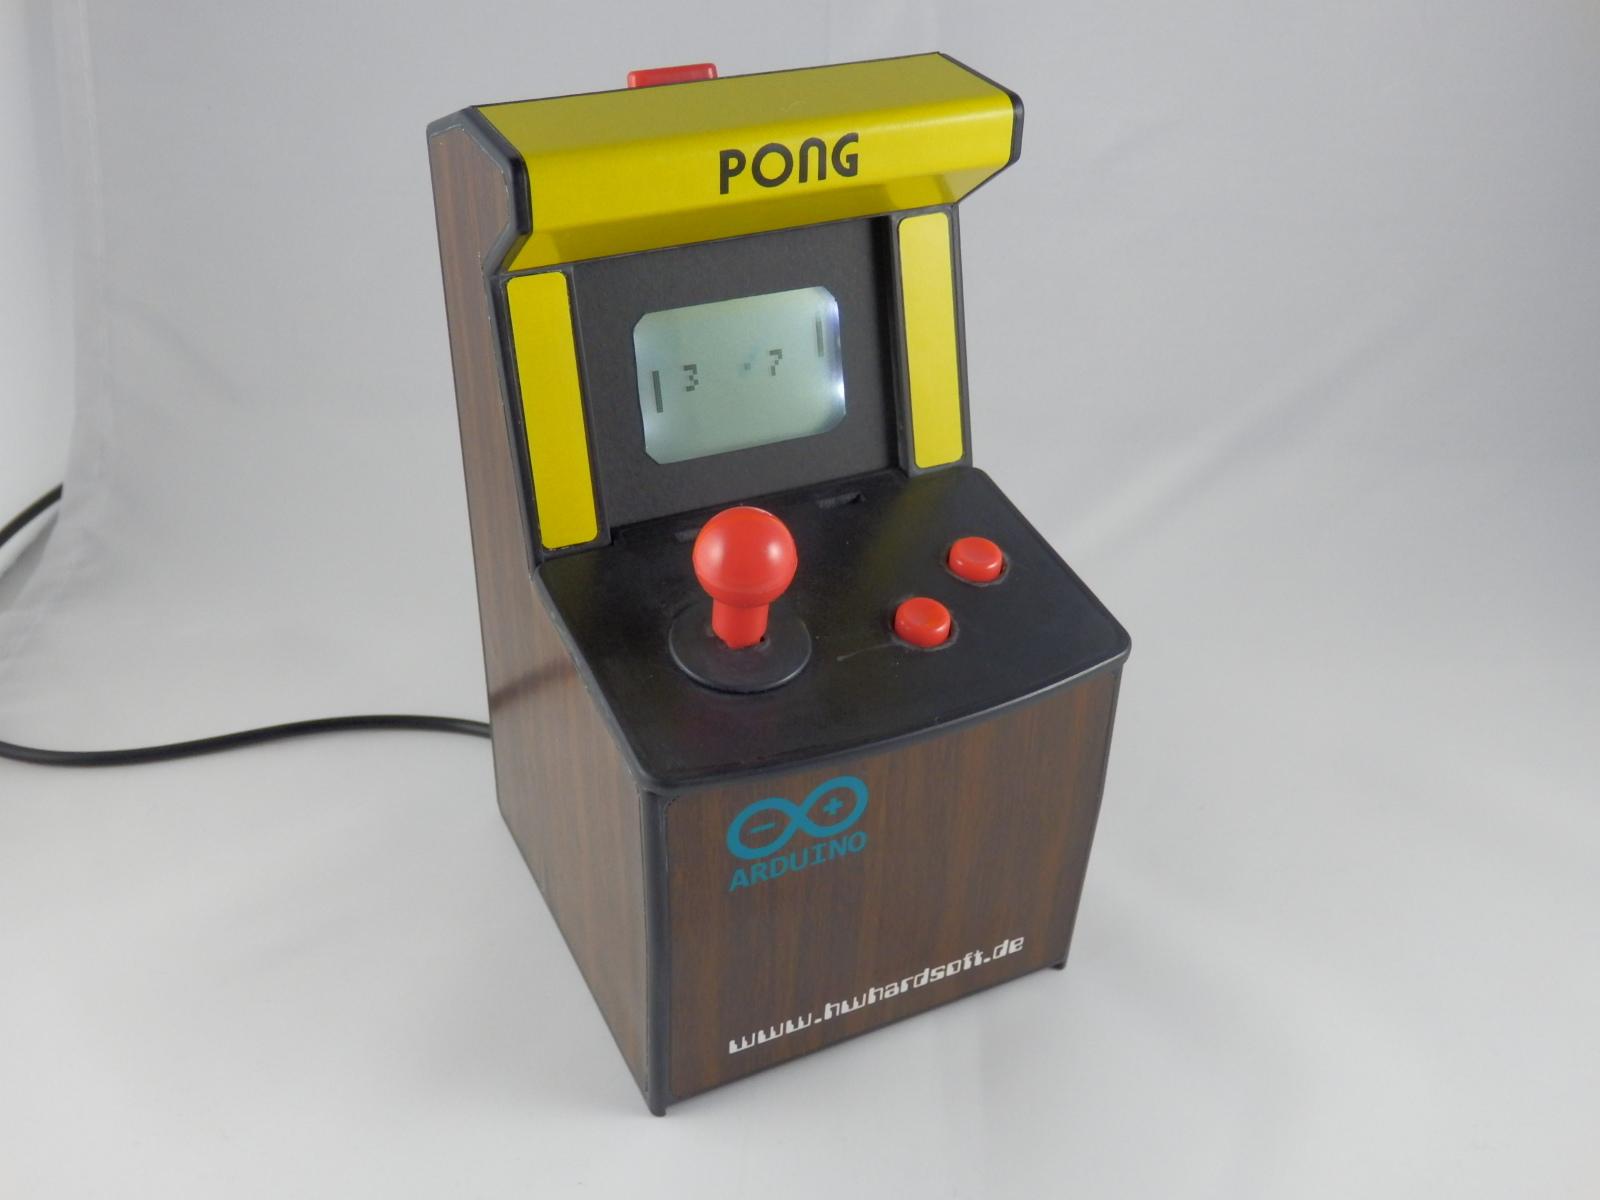 Image & Gamebuino forum u2022 View topic - Gamebuino based mini arcade cabinet